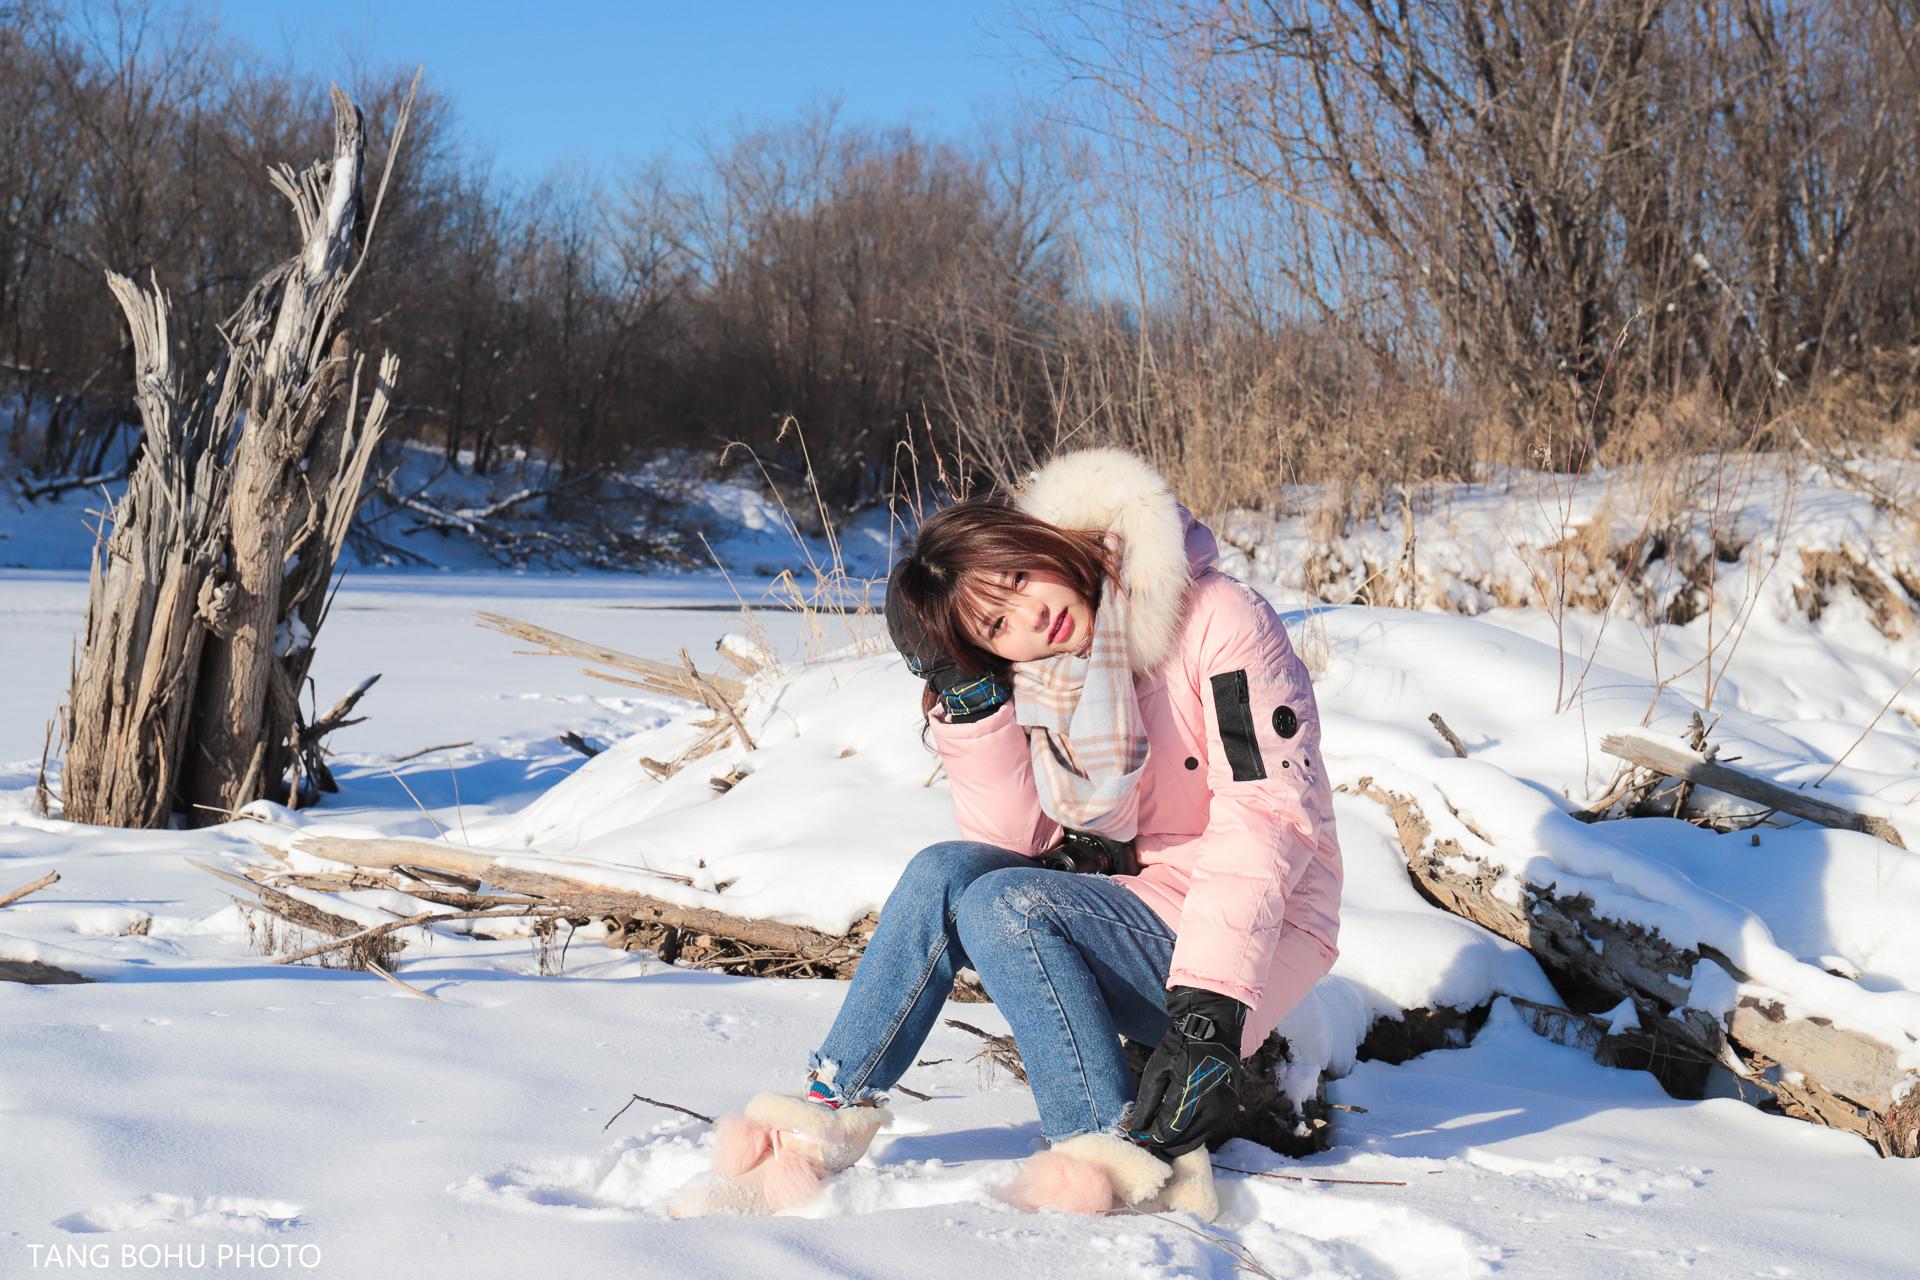 一路向北,梦幻塔河雪乡,与你邂逅冰雪奇缘的童话世界。